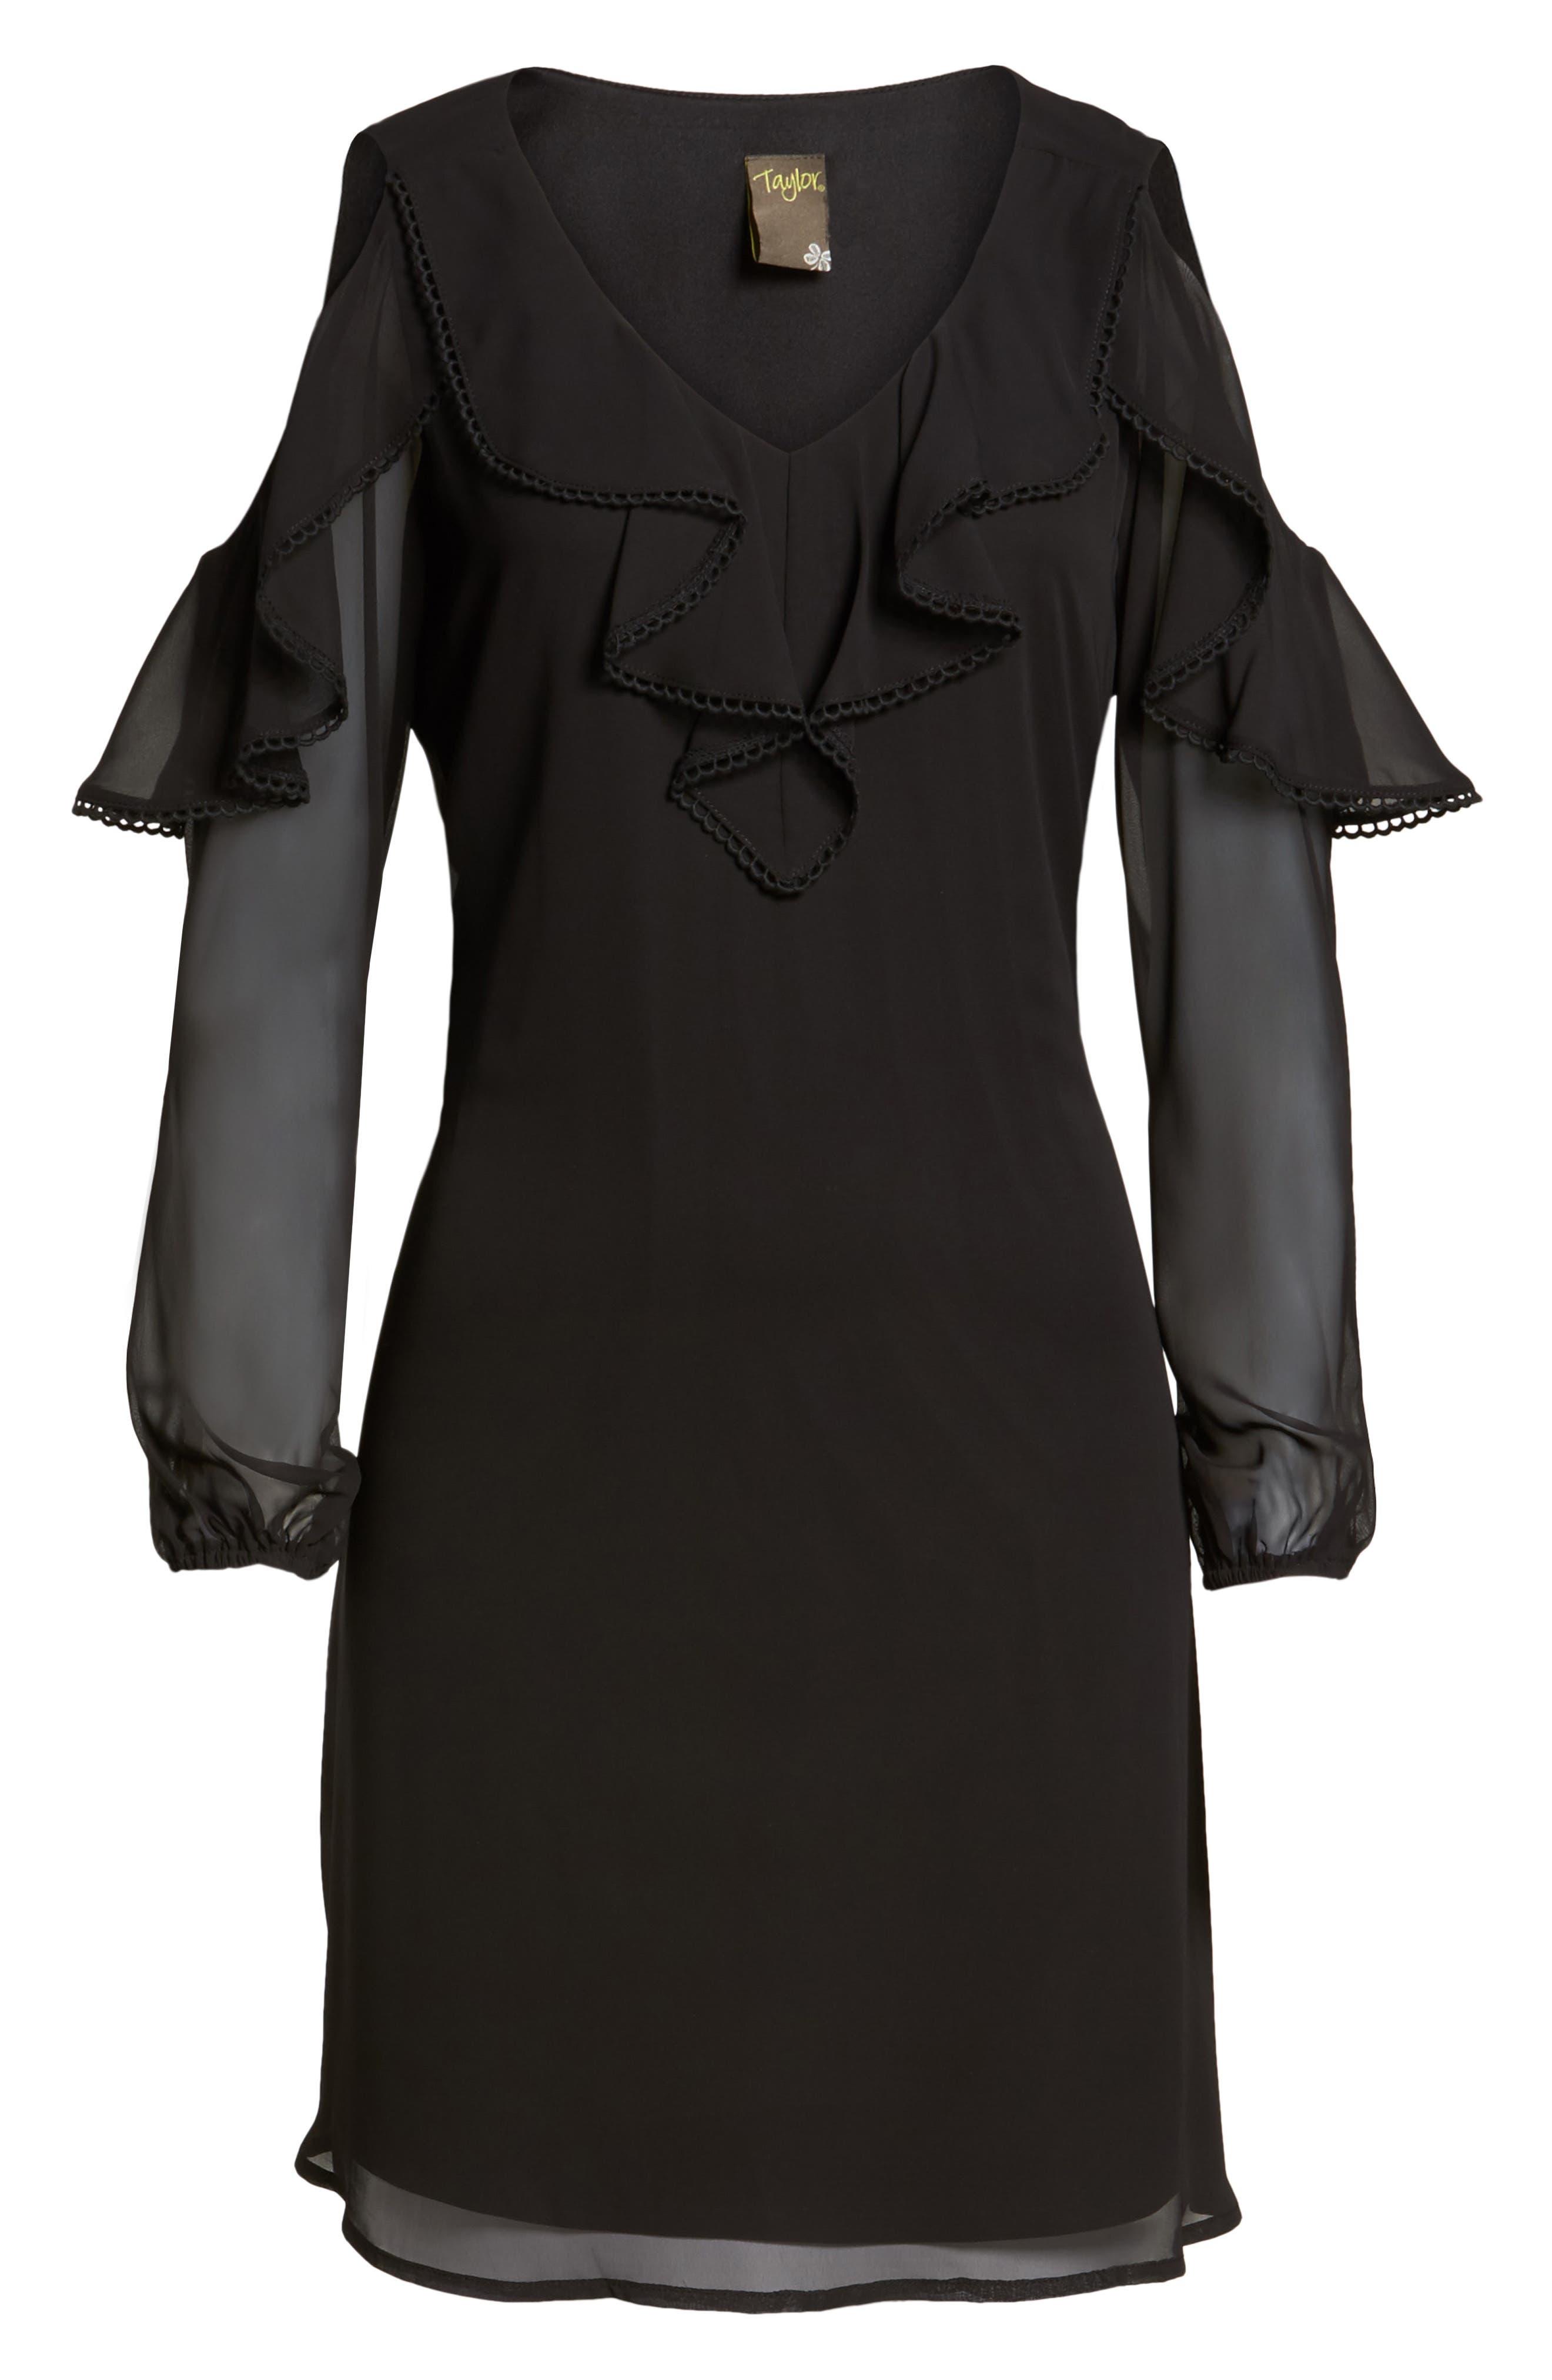 TAYLOR DRESSES,                             Chiffon Cold Shoulder A-Line Dress,                             Alternate thumbnail 6, color,                             001